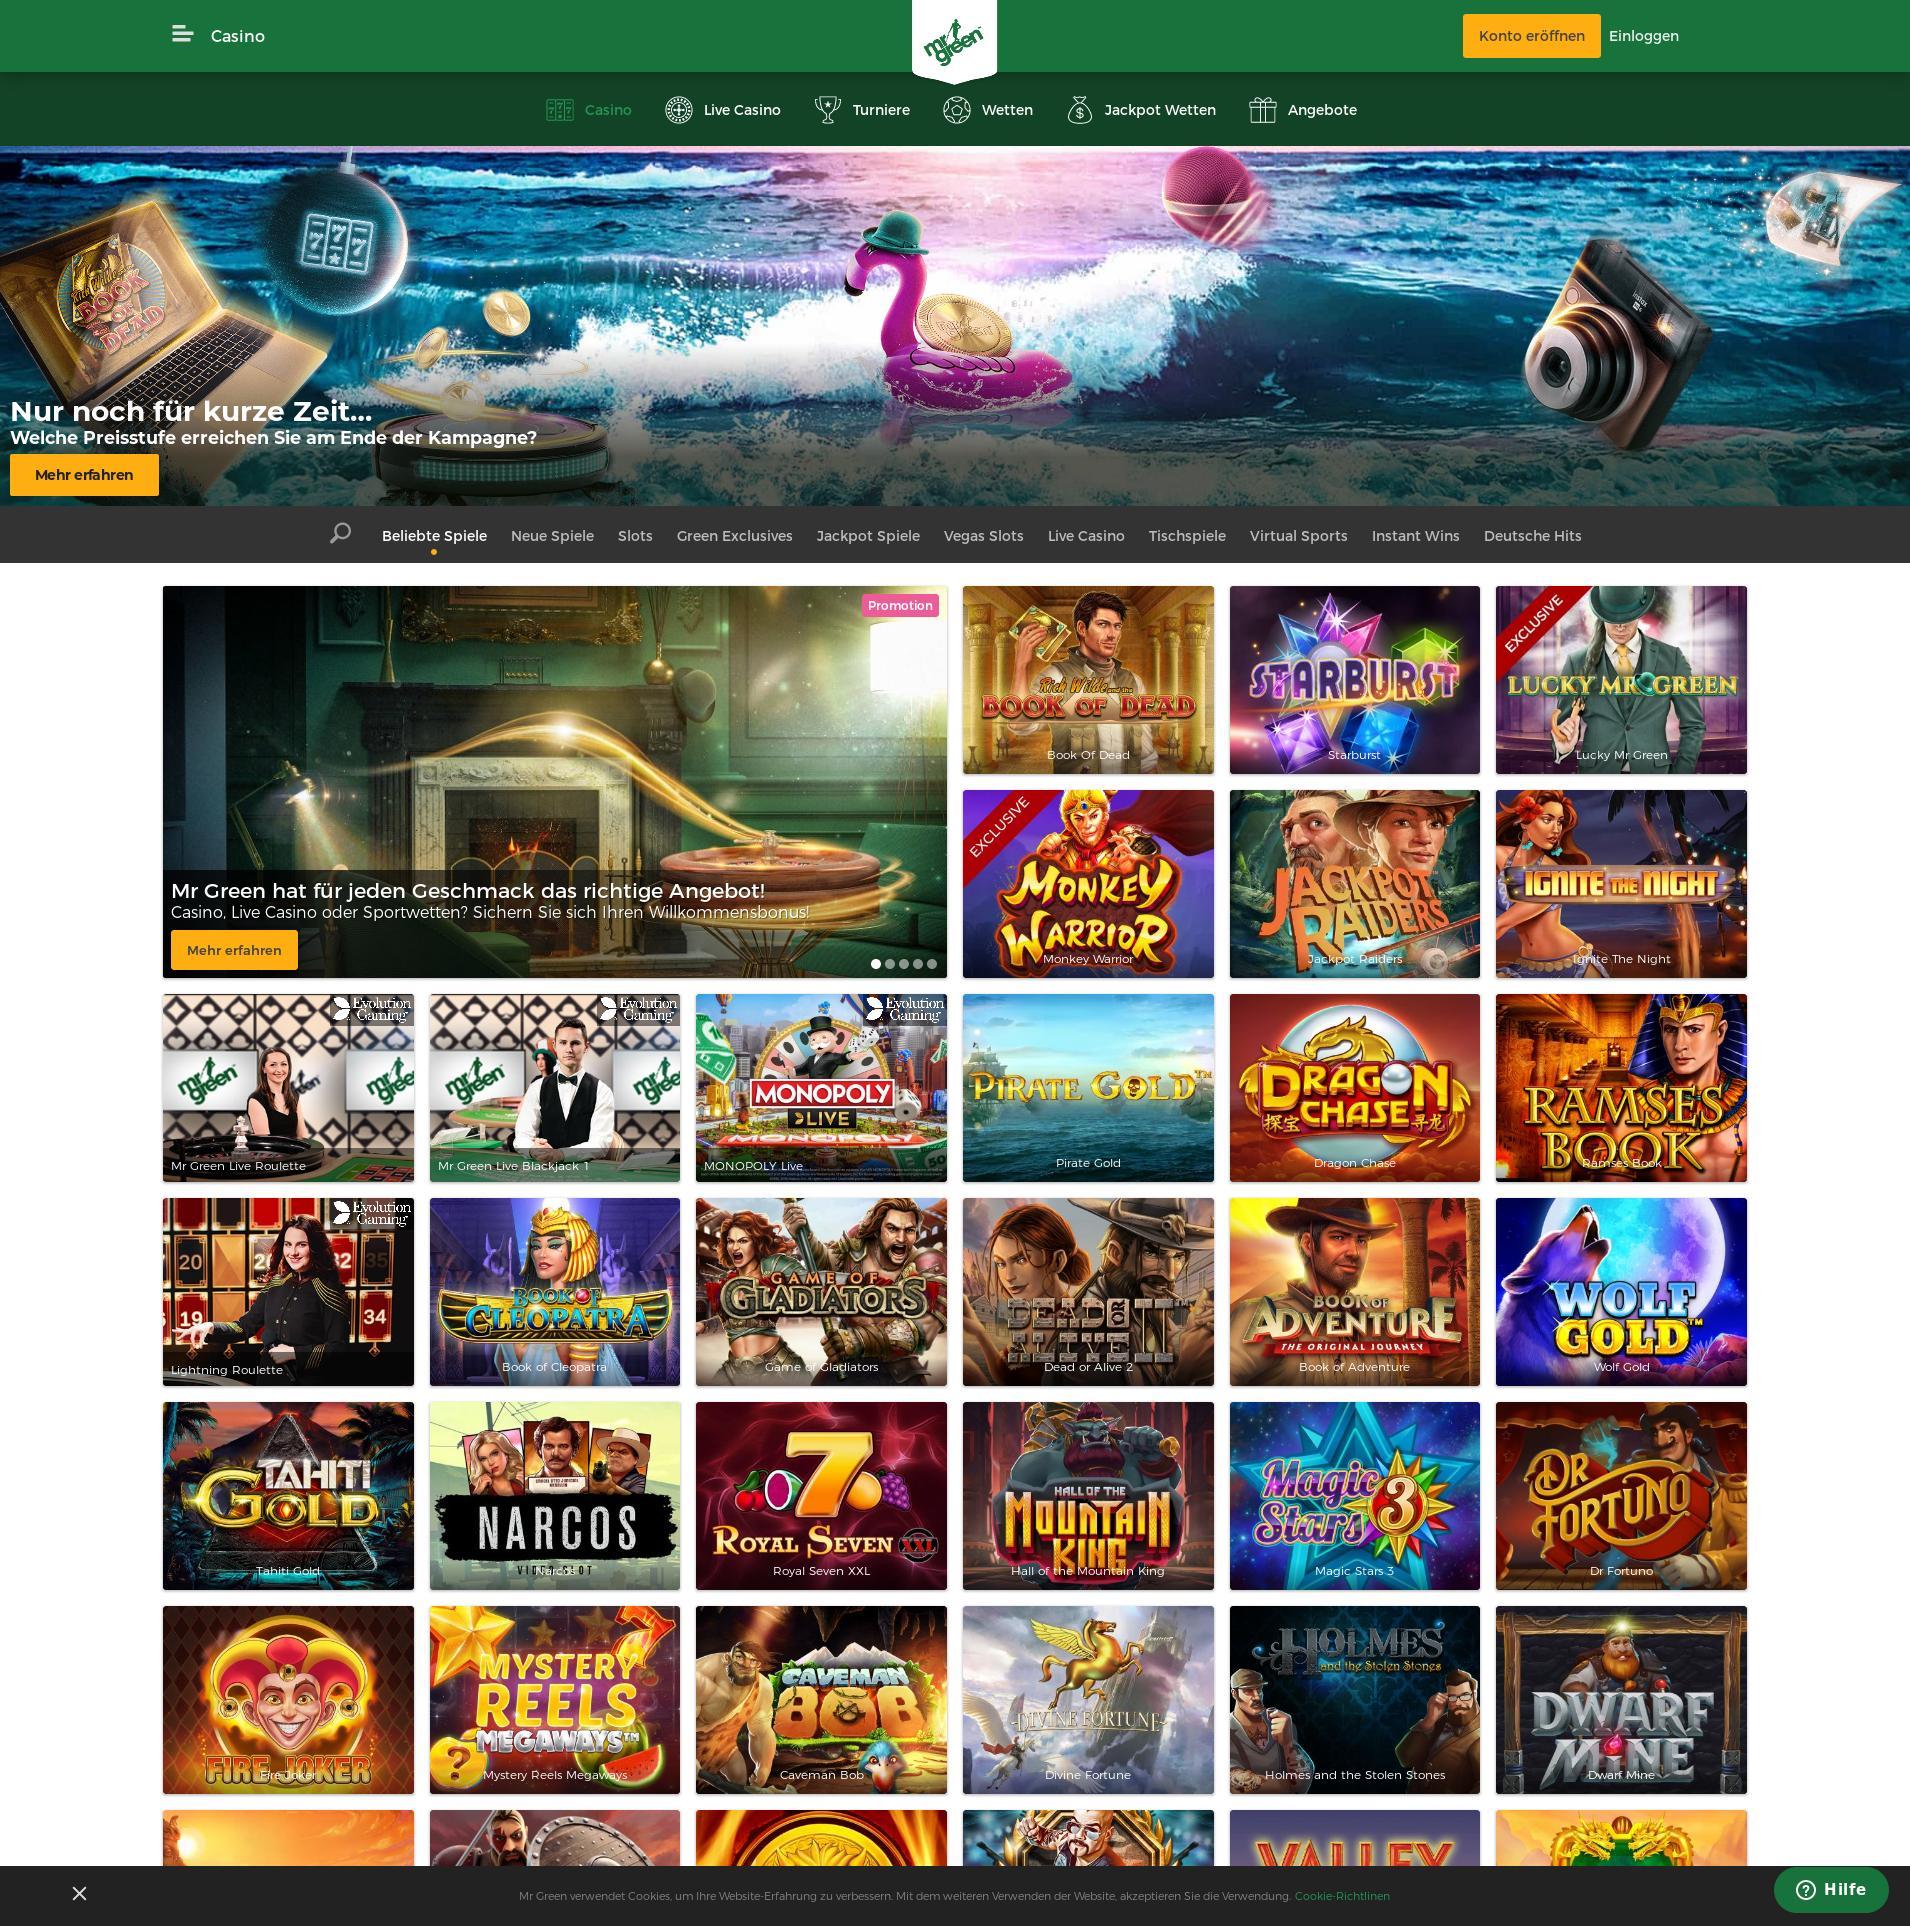 Casino Bildschirm Lobby 2019-06-18 zum Deutschland